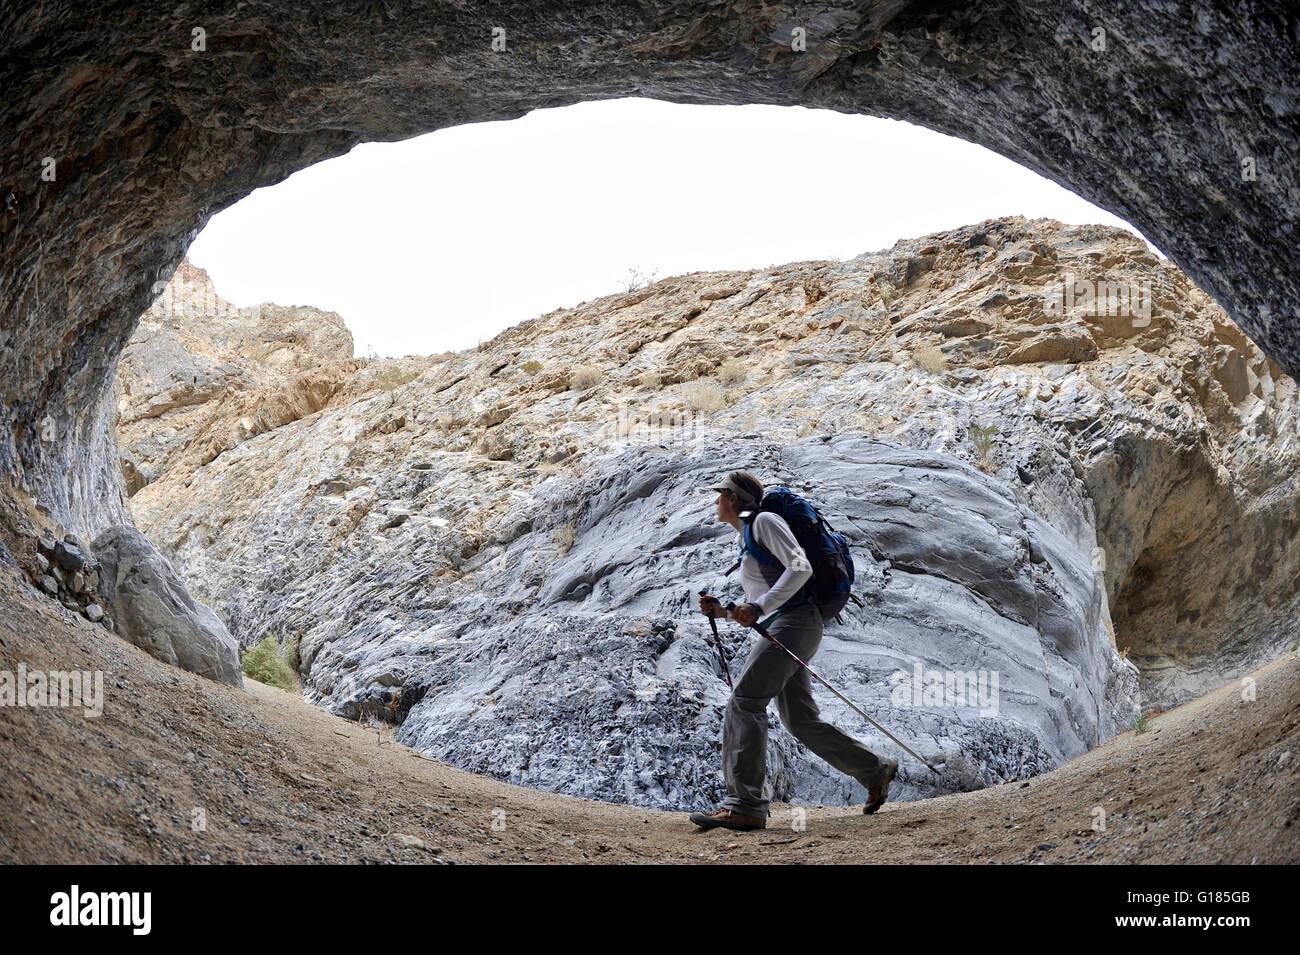 Caminante explorar formaciones rocosas, Marble Canyon, el Parque Nacional Valle de la Muerte, California Foto de stock